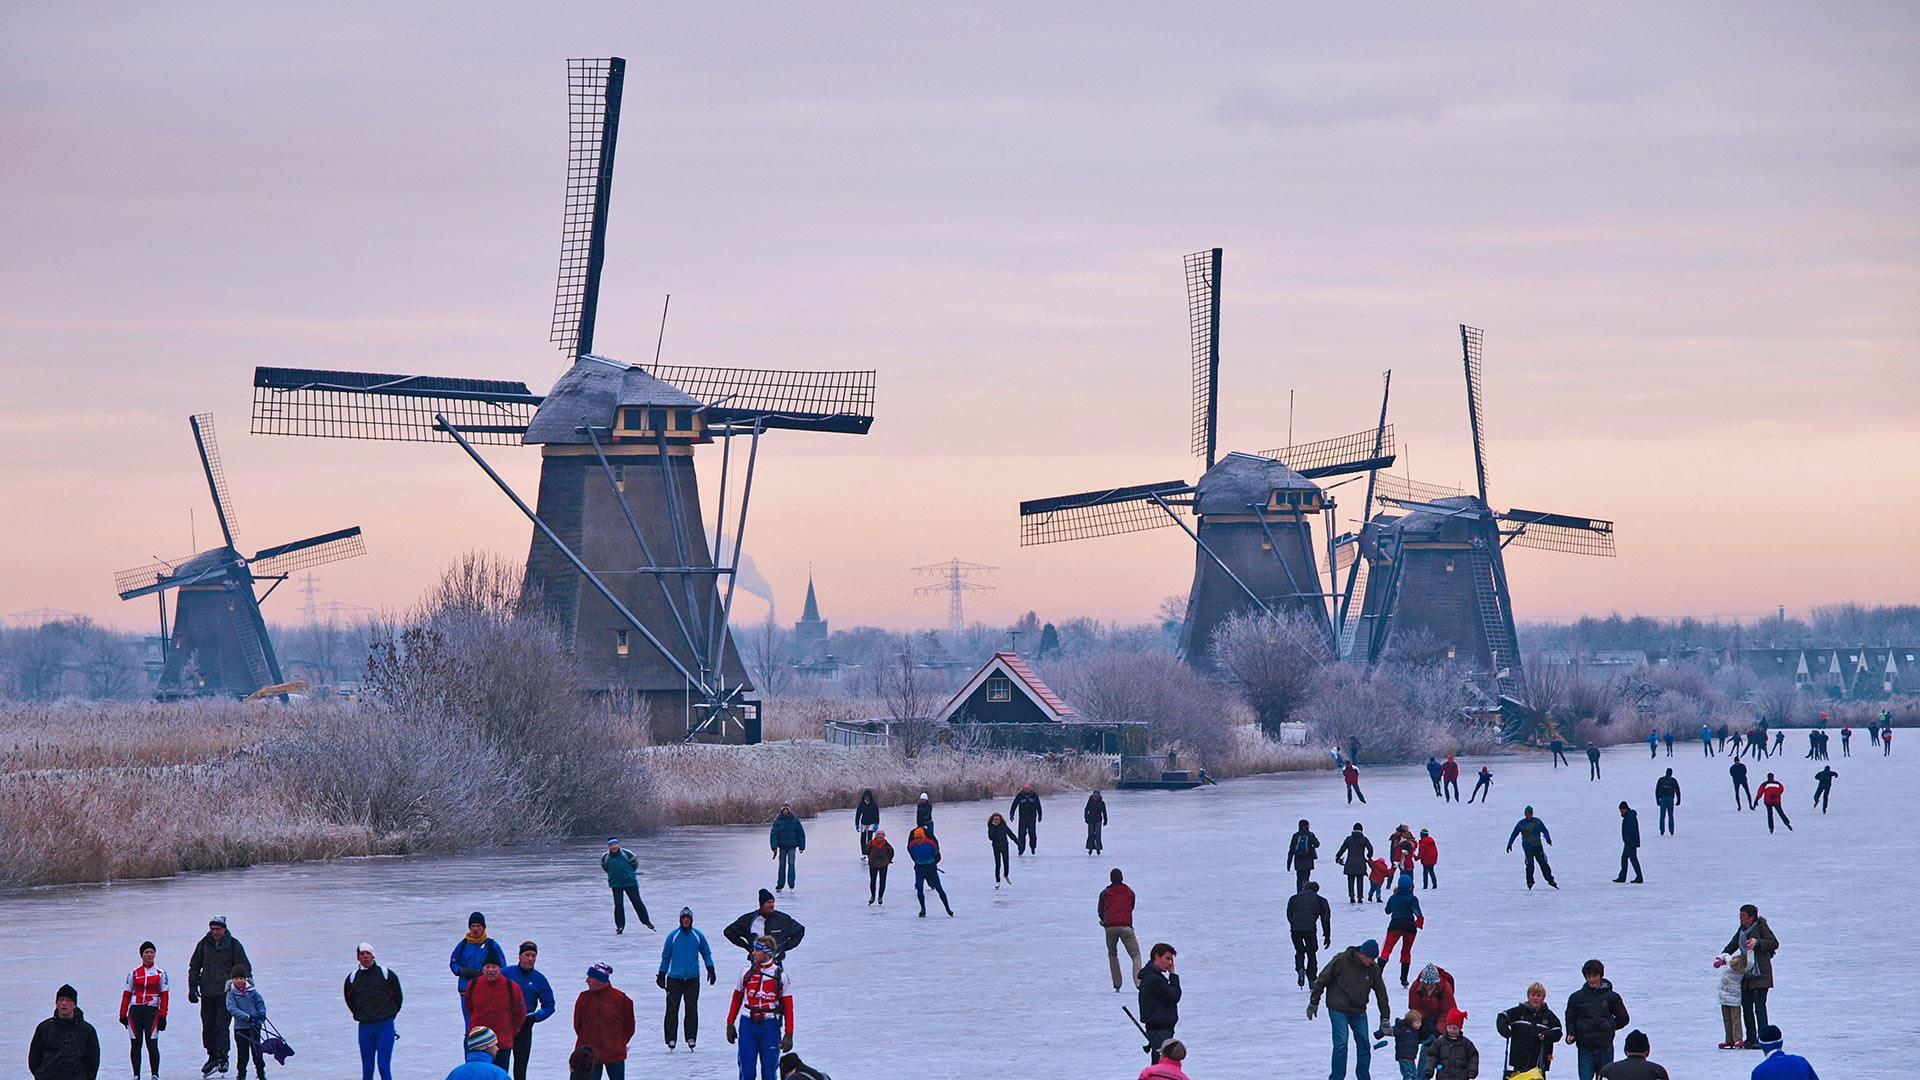 「風車とスケーター」オランダ, キンデルダイク (© Lourens Smak/Alamy)